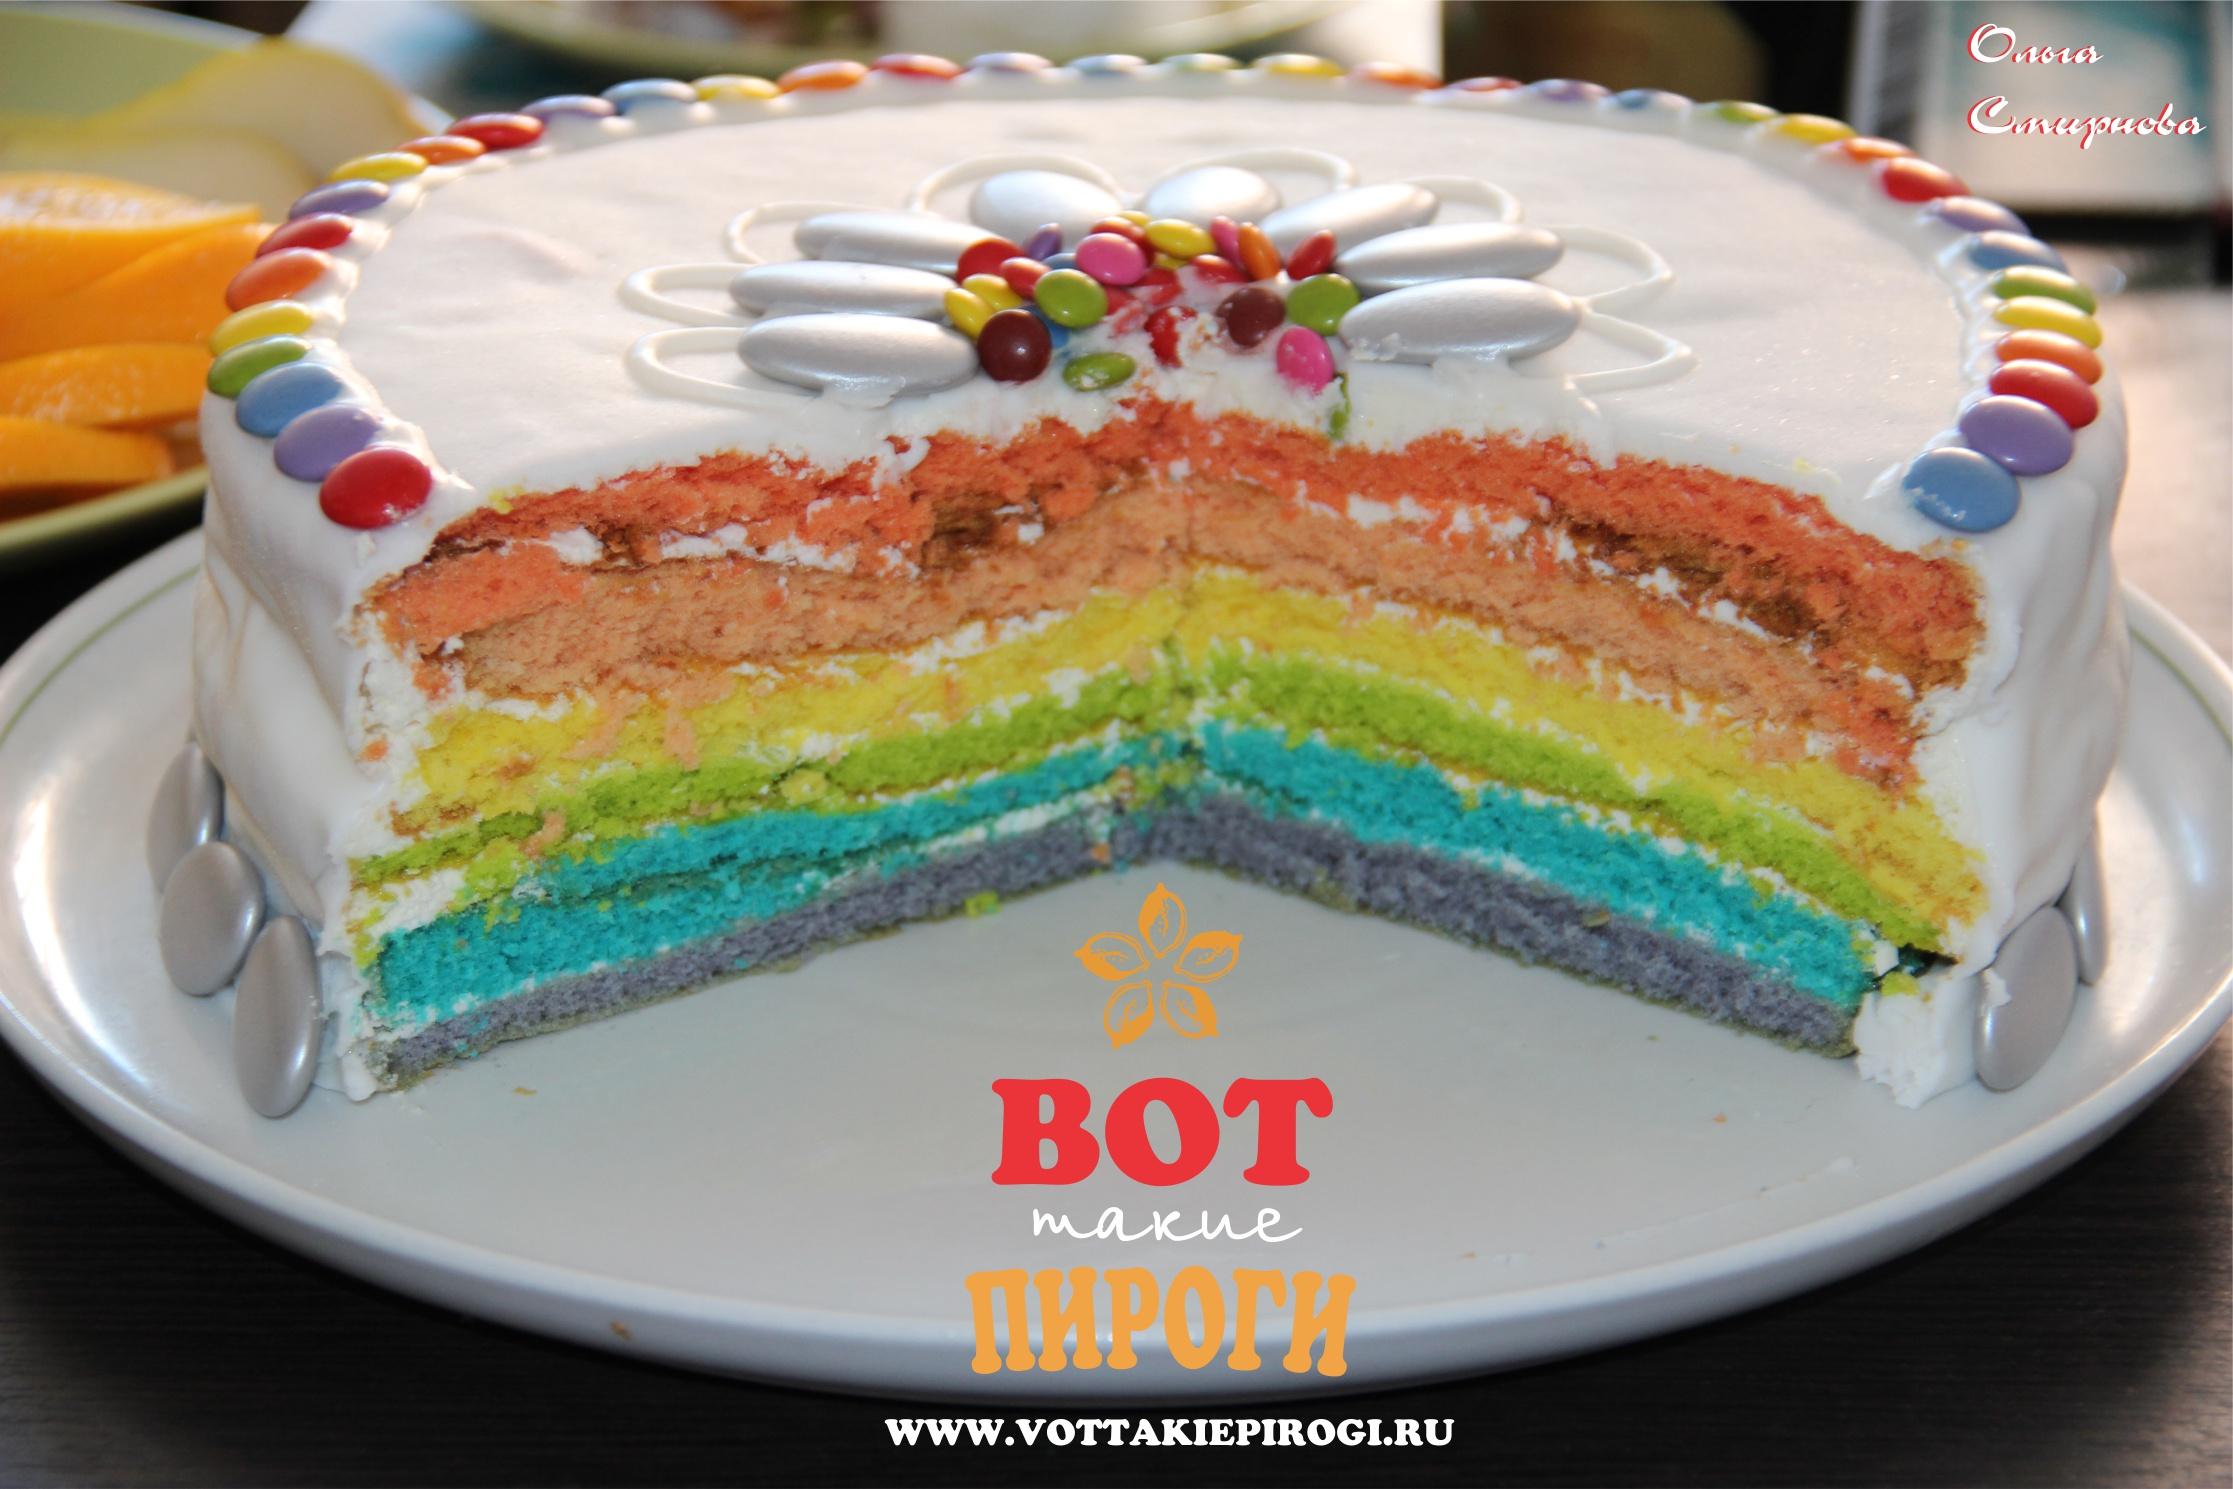 Как сделать коржи для разноцветного торта 418